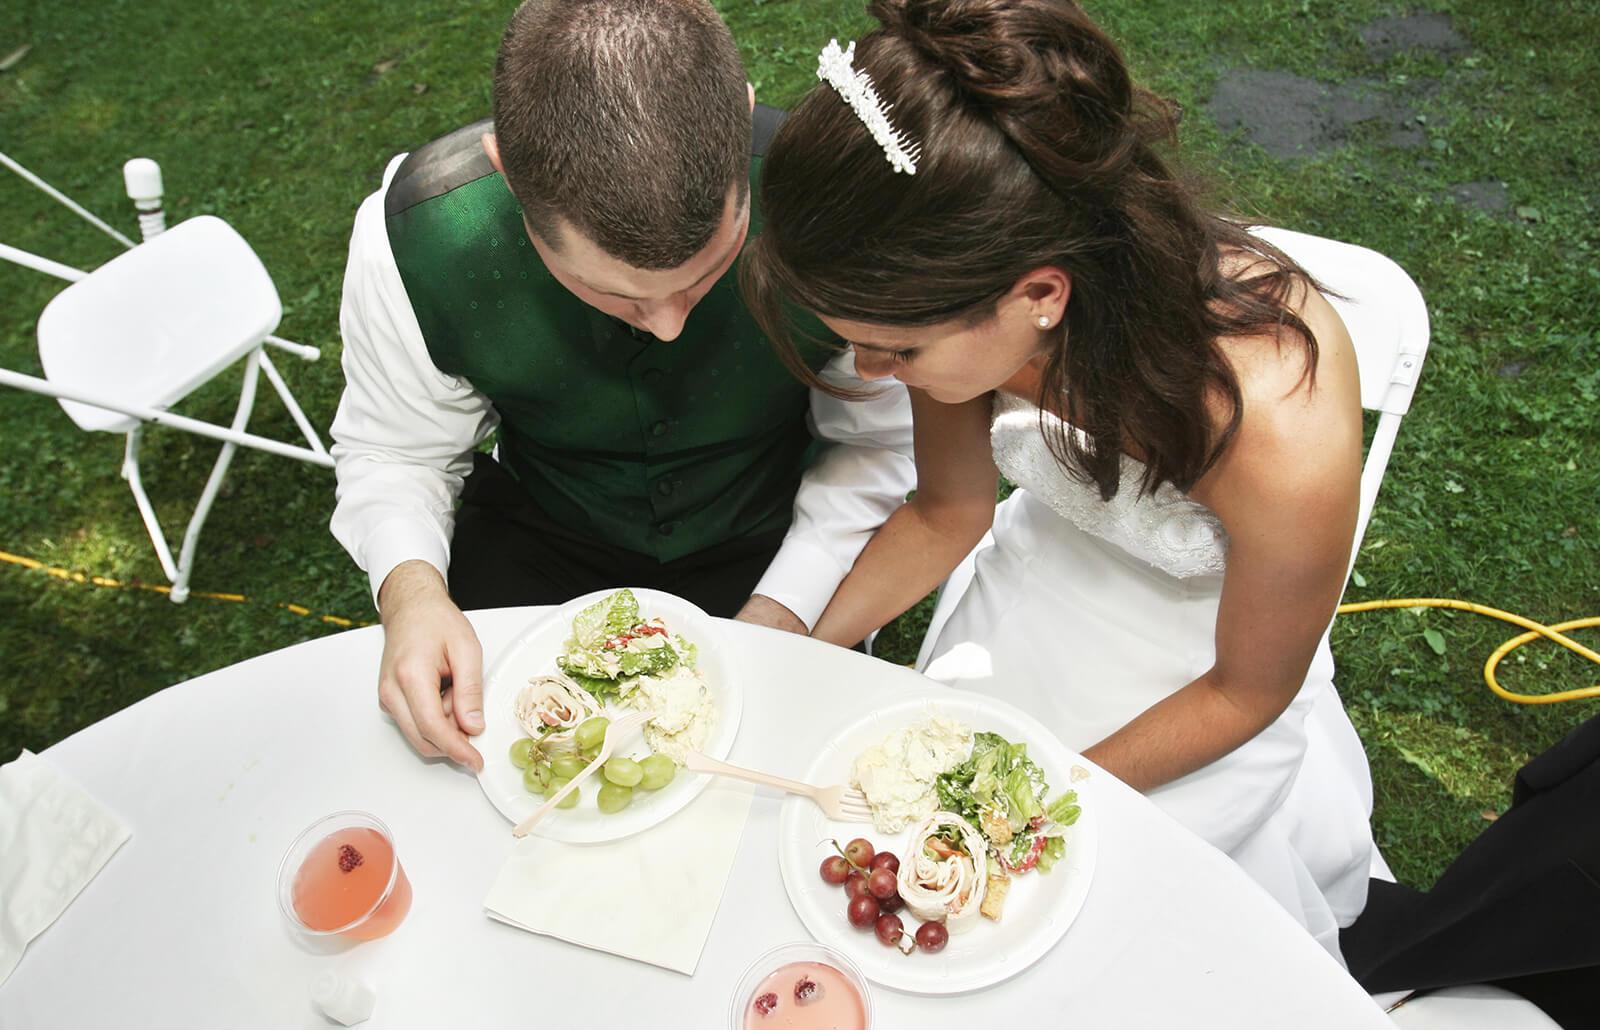 oraciones-cena-recepcion-boda.jpg